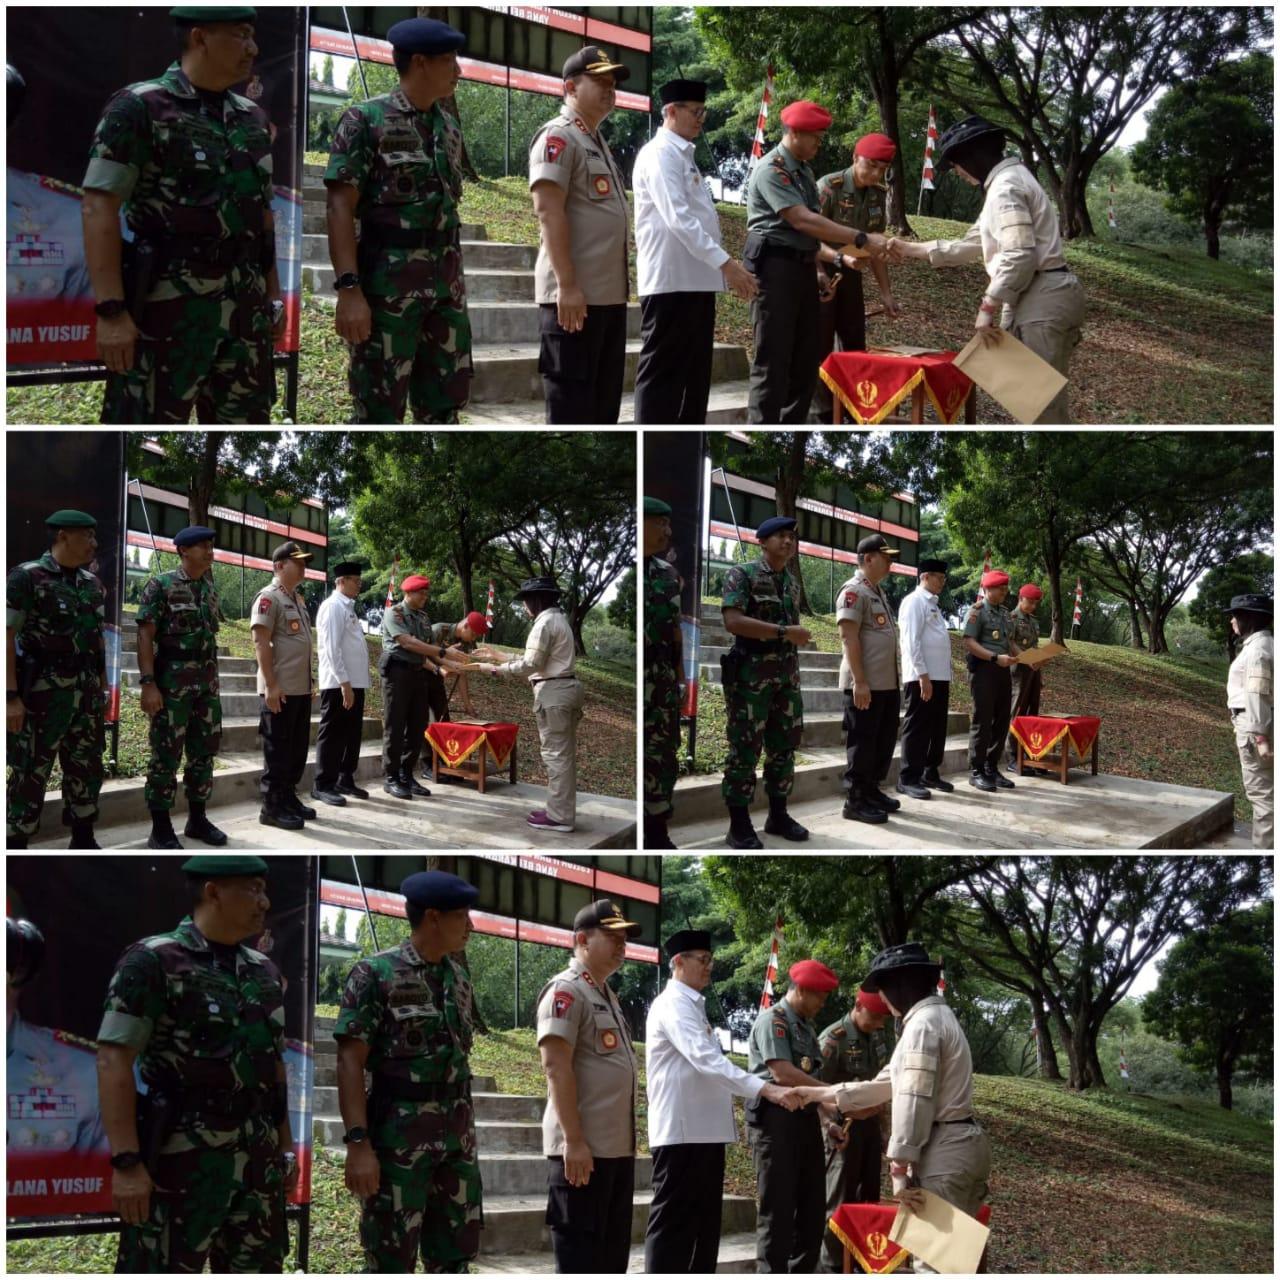 Menerima sertifikat dari Danjen Kopassus dan ucapan selamat dari Gubernur Banten, Kapolda Banten, Danrem 064 MY, Dan Lanal, Dan Grup 1 Kopassus di Ksatrian Grup 1 Kopassus